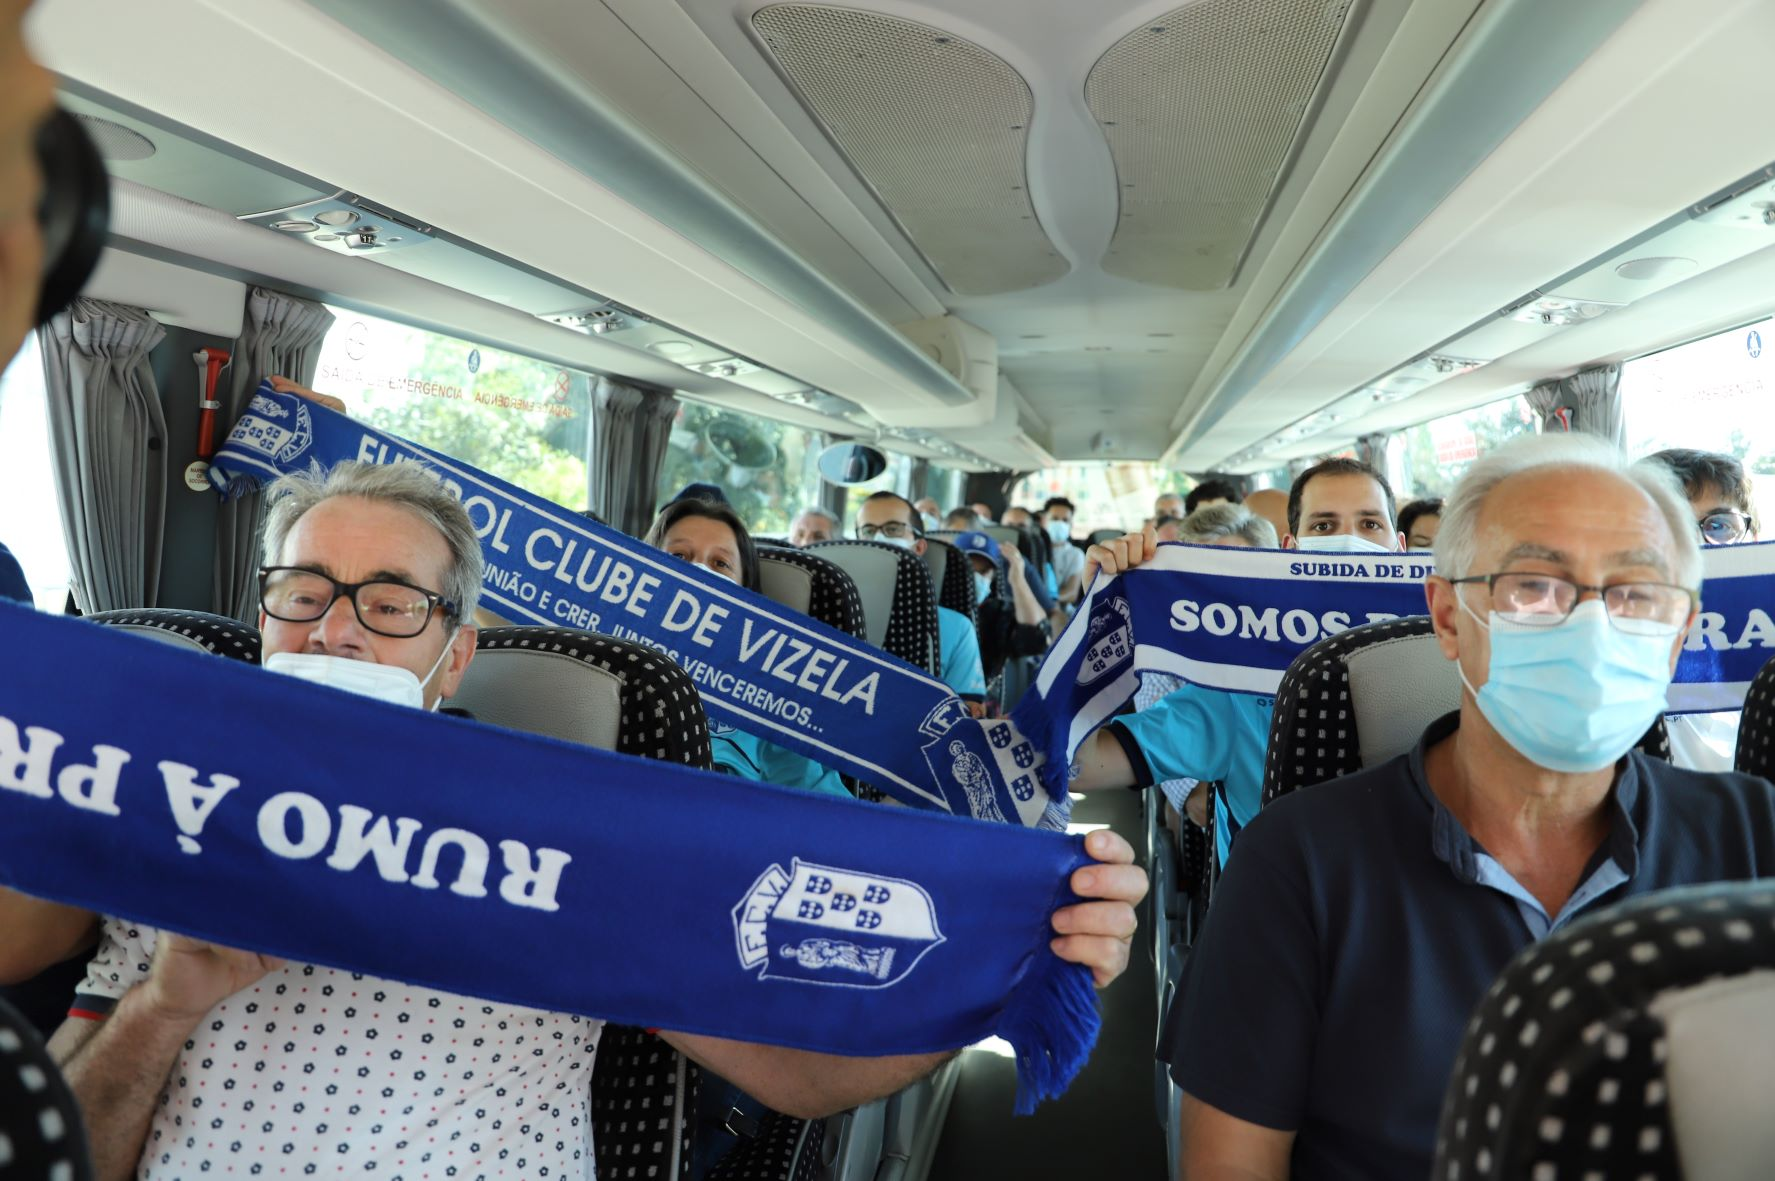 CÂMARA MUNICIPAL DISPONIBILIZA AUTOCARROS PARA JOGO DO FC VIZELA – BENFICA